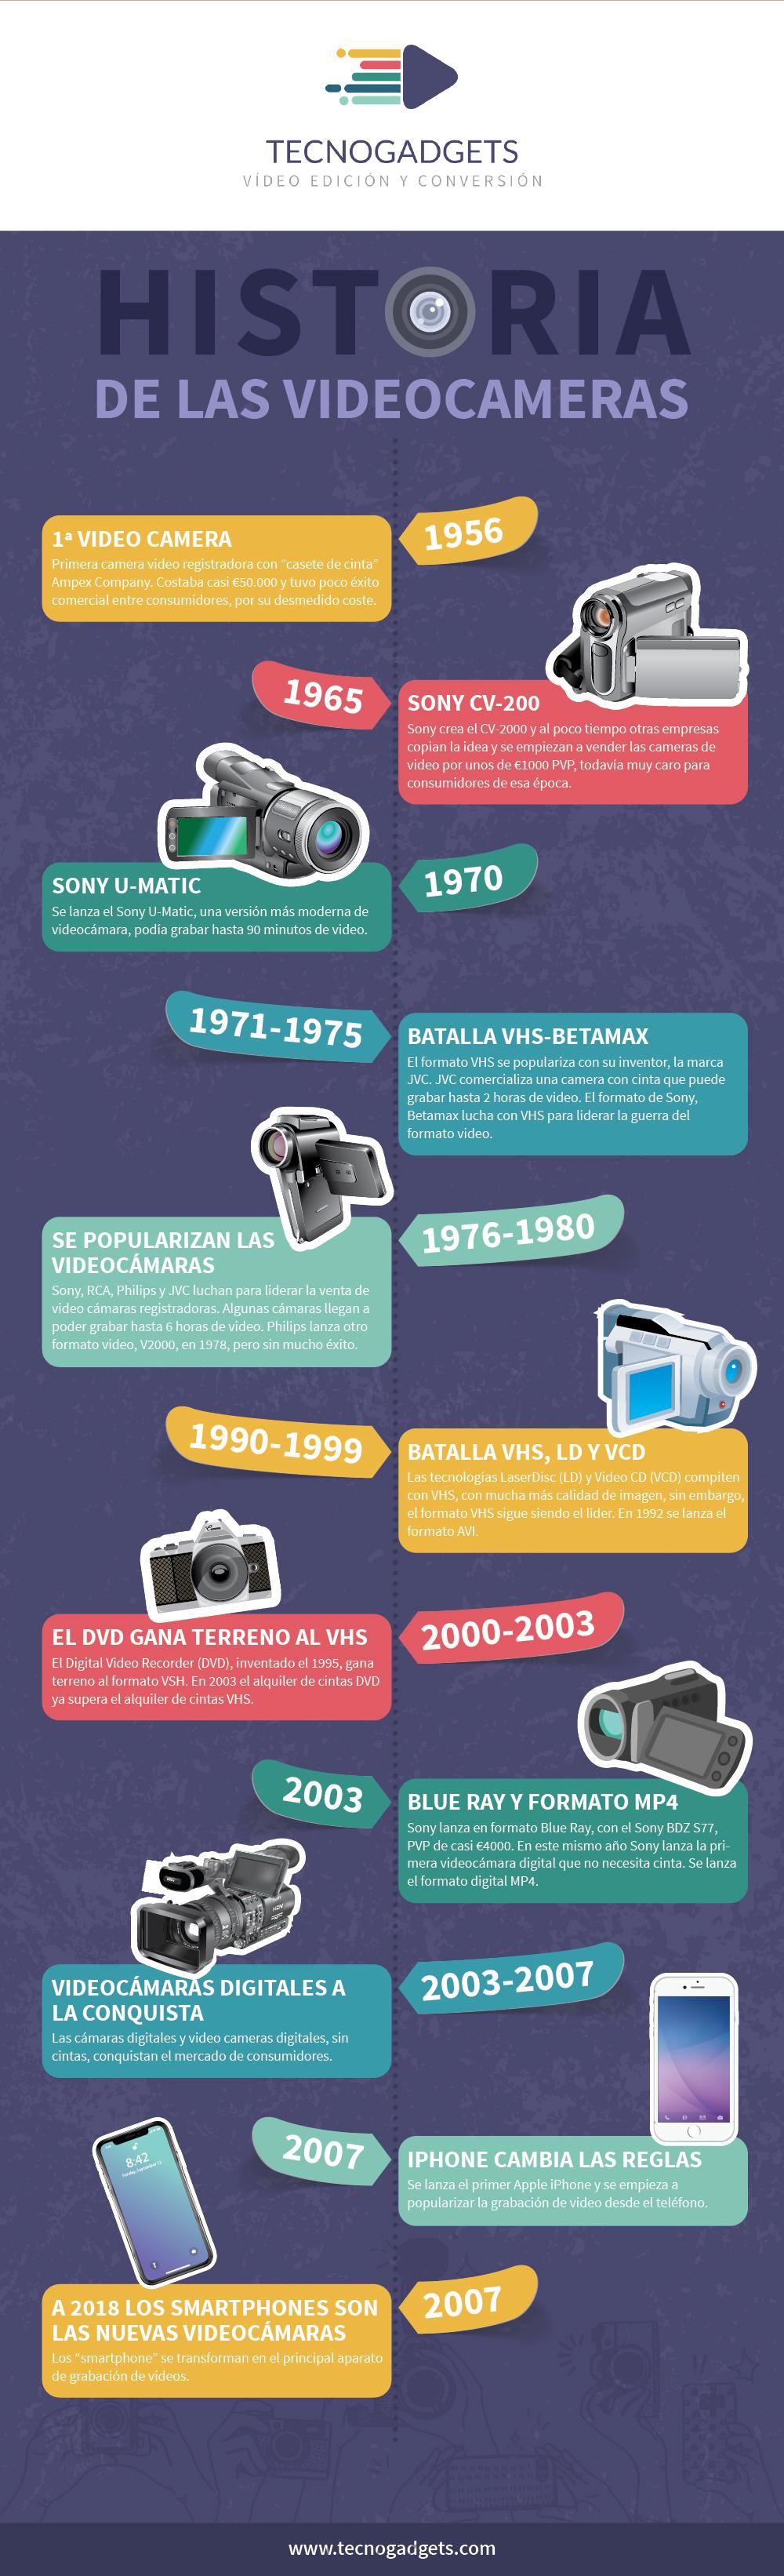 Historia de las videocamaras